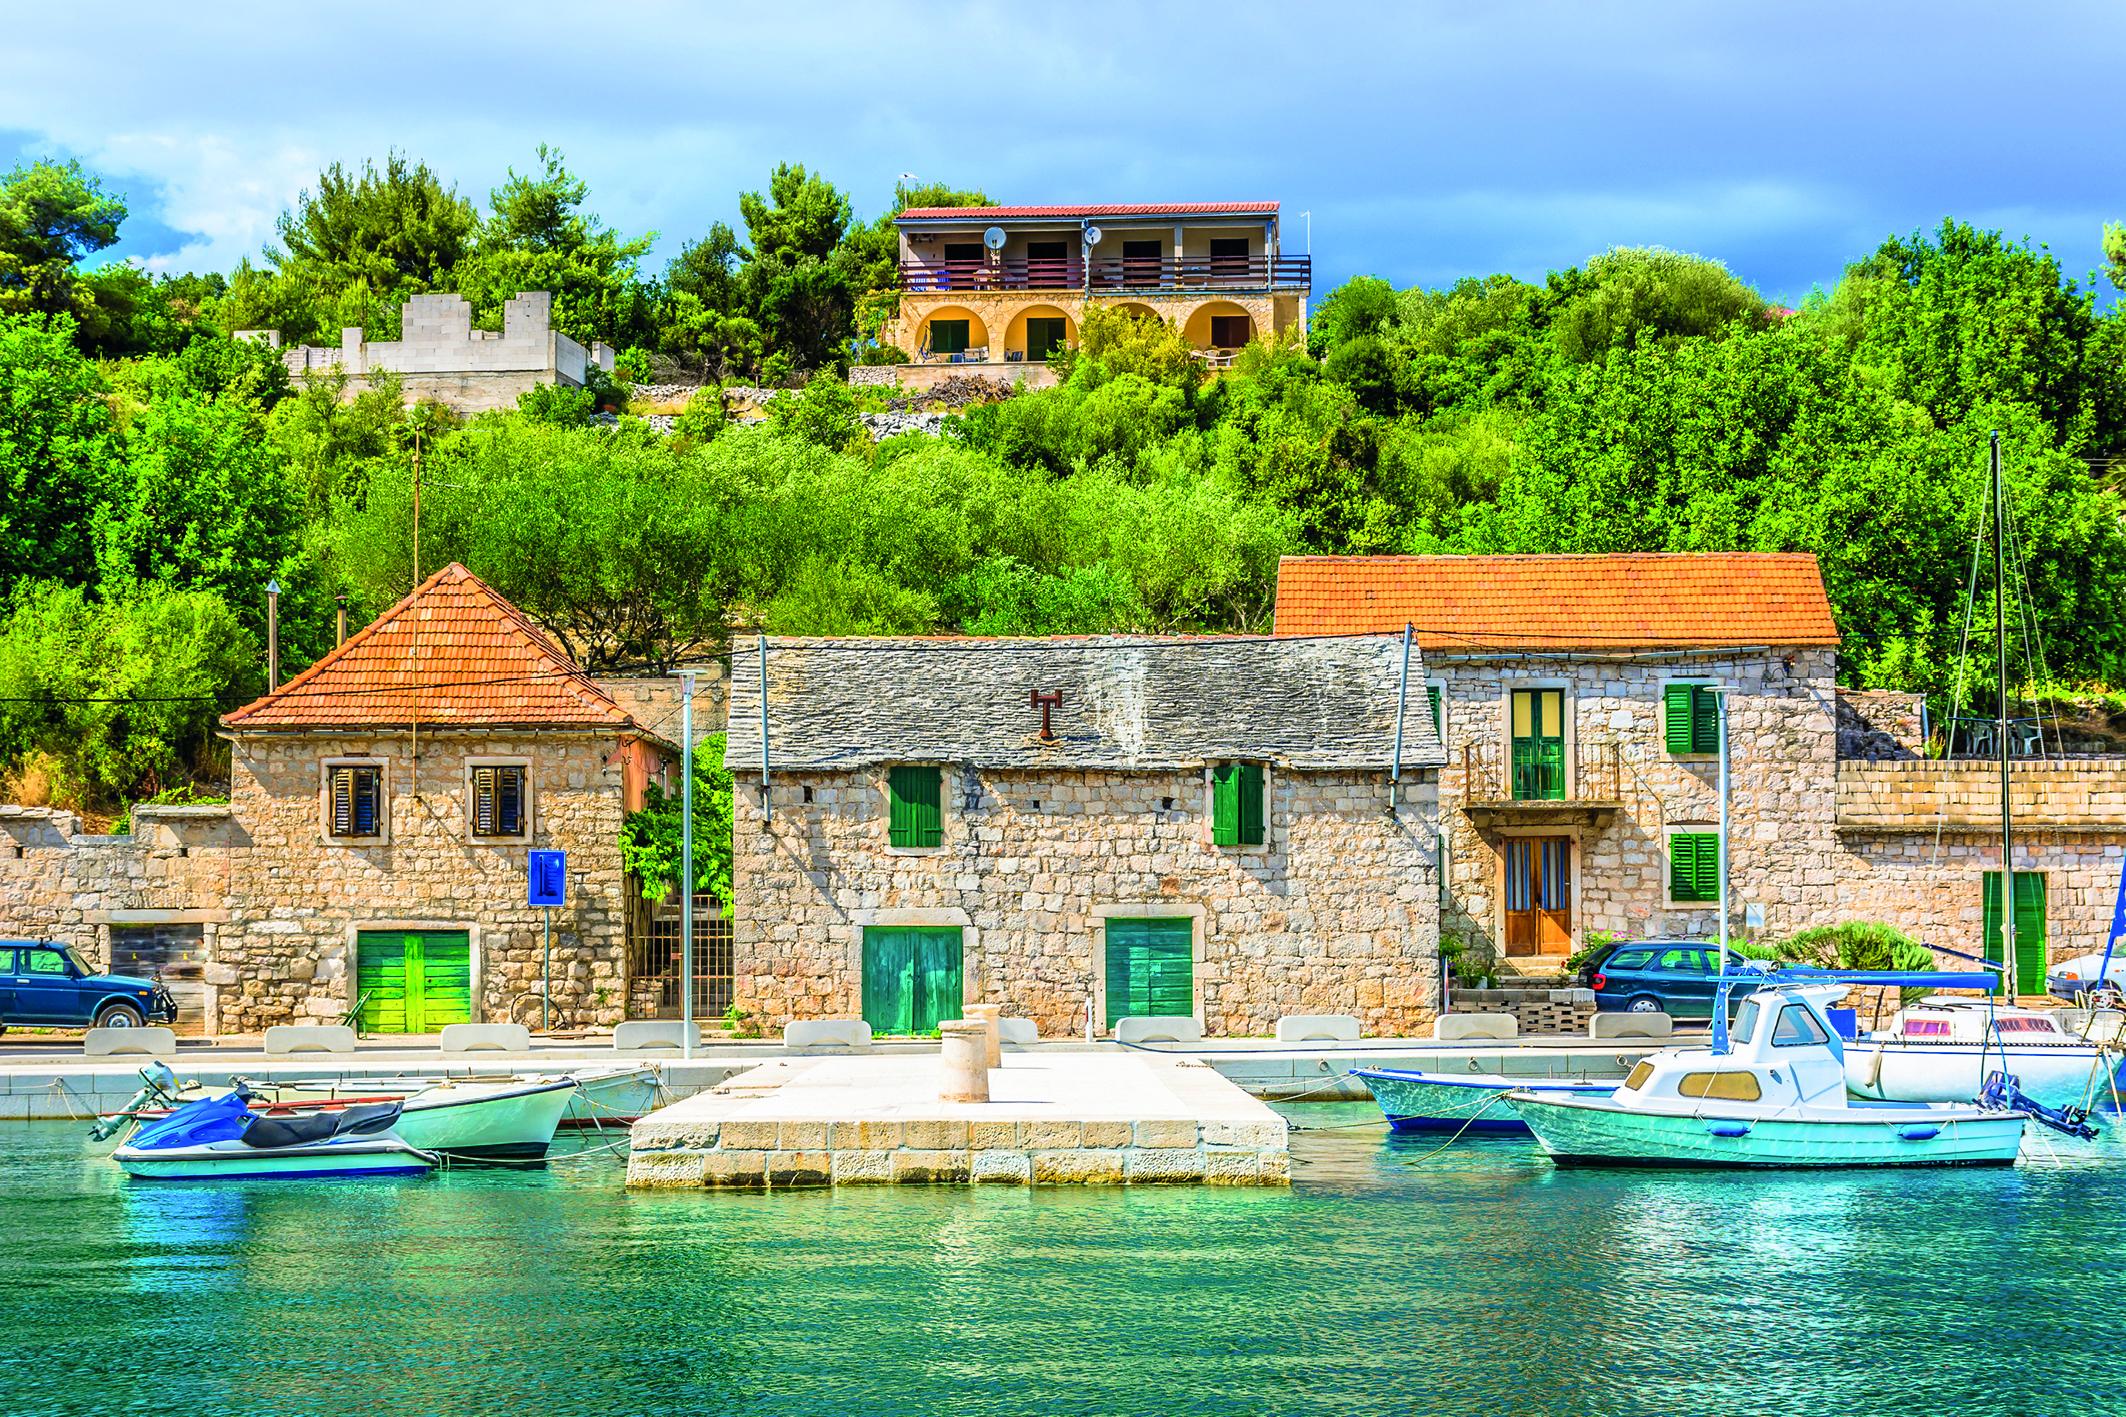 Eine schöne Ferienwohnung, direkt am Wasser, lädt zum Entspannen ein.